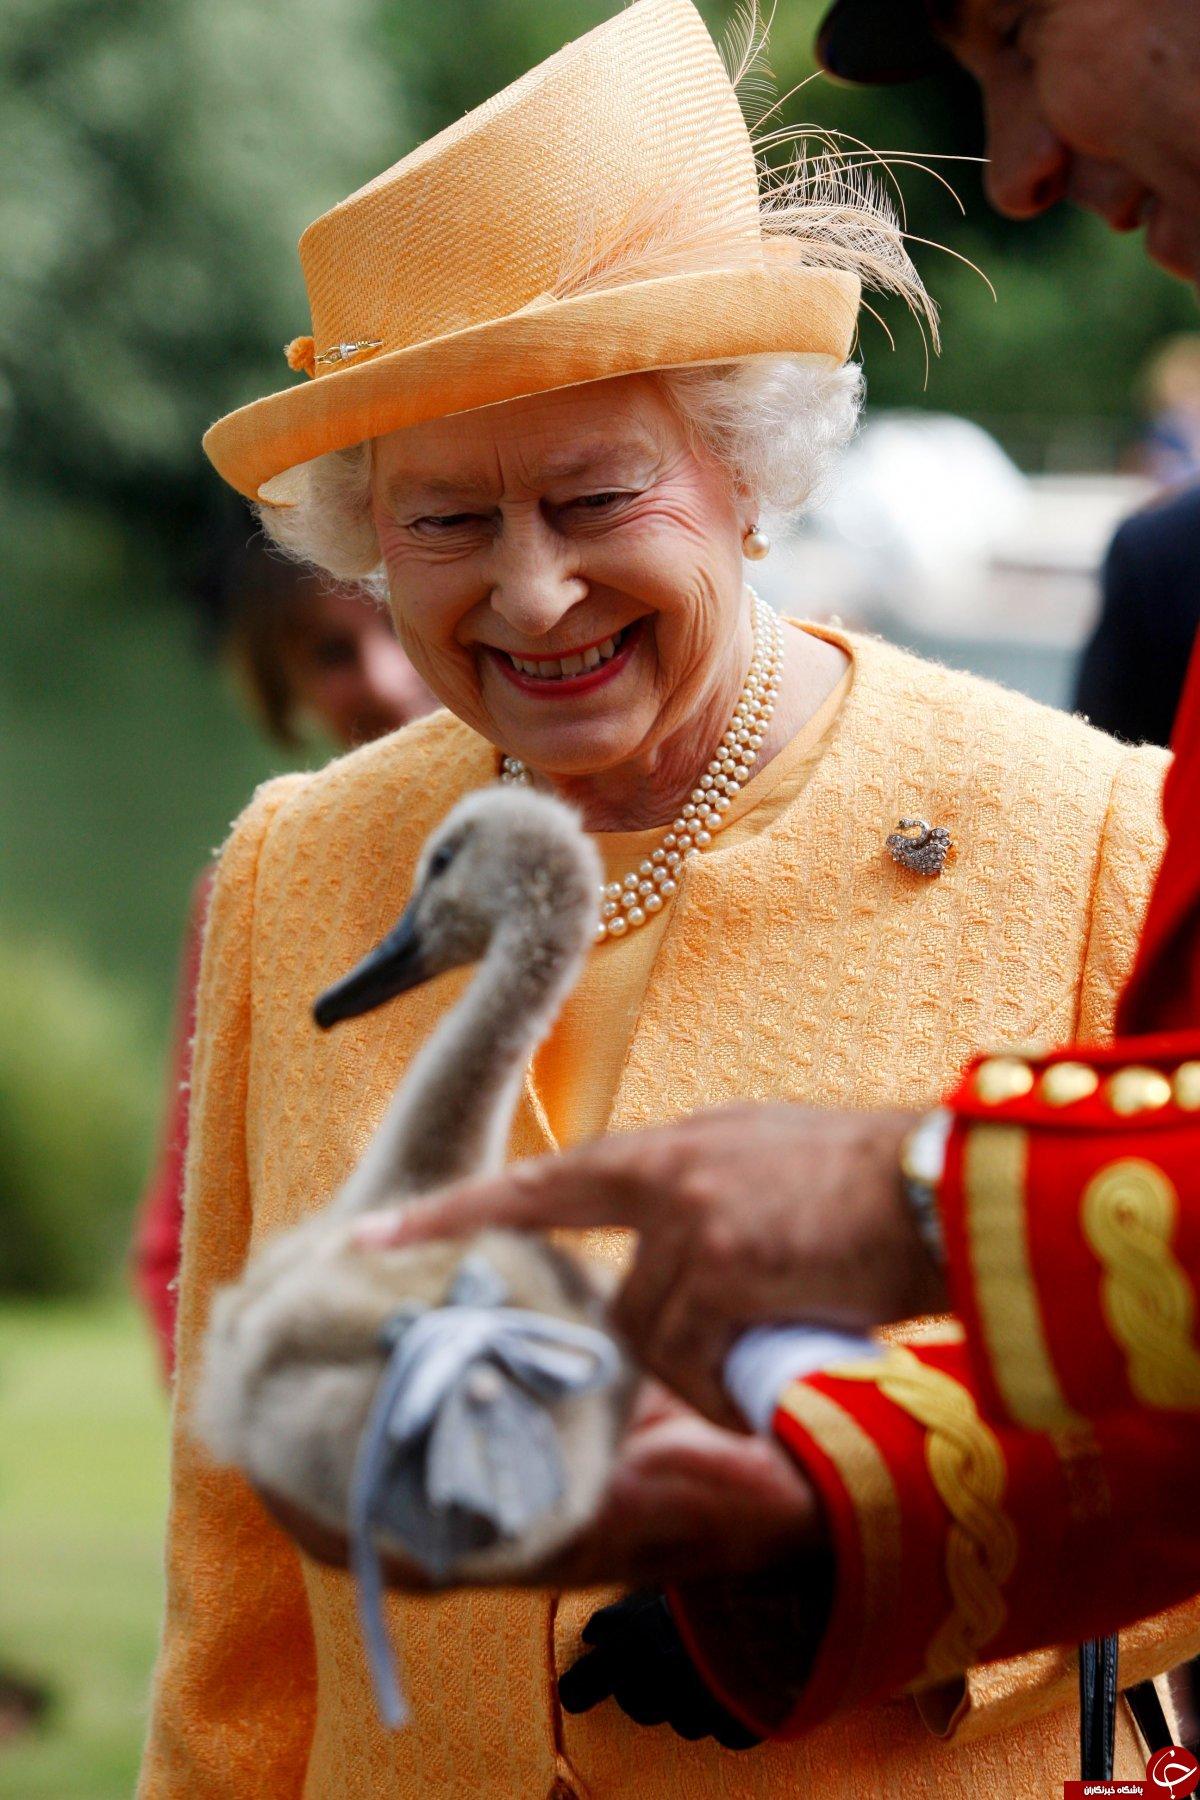 تمام اختیارات عجیب ملکه انگلیس؛ از قدرت عزل نخستوزیر استرالیا تا مالکیت تمام مرغابیها!